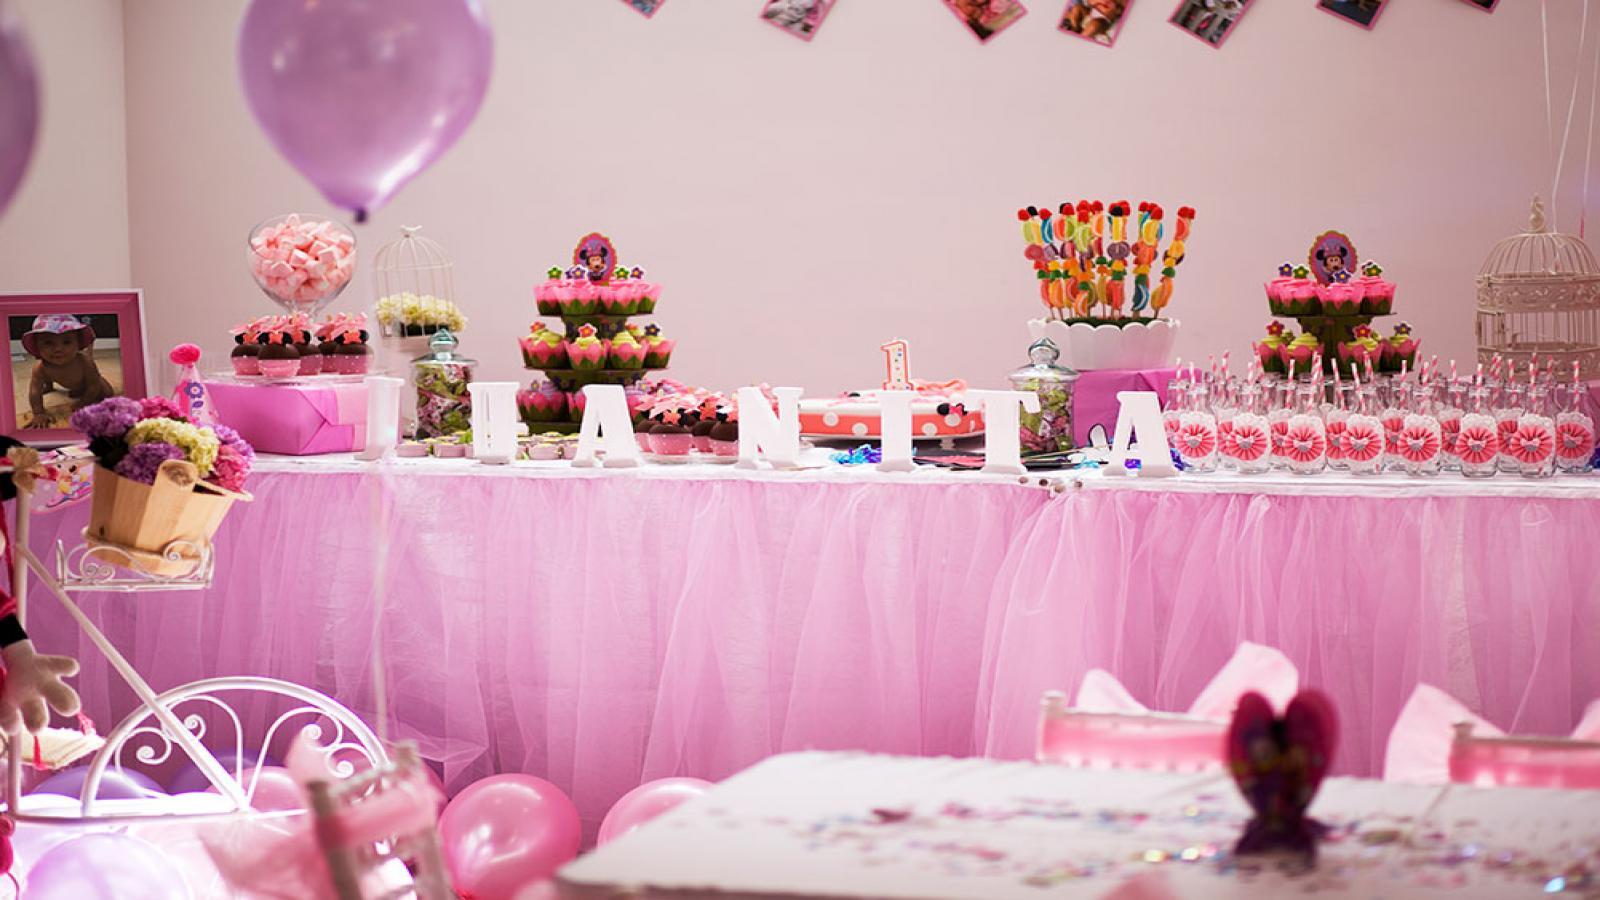 Nombres para negocios de decoraci n de fiestas y eventos - Ideas decoracion fotos ...